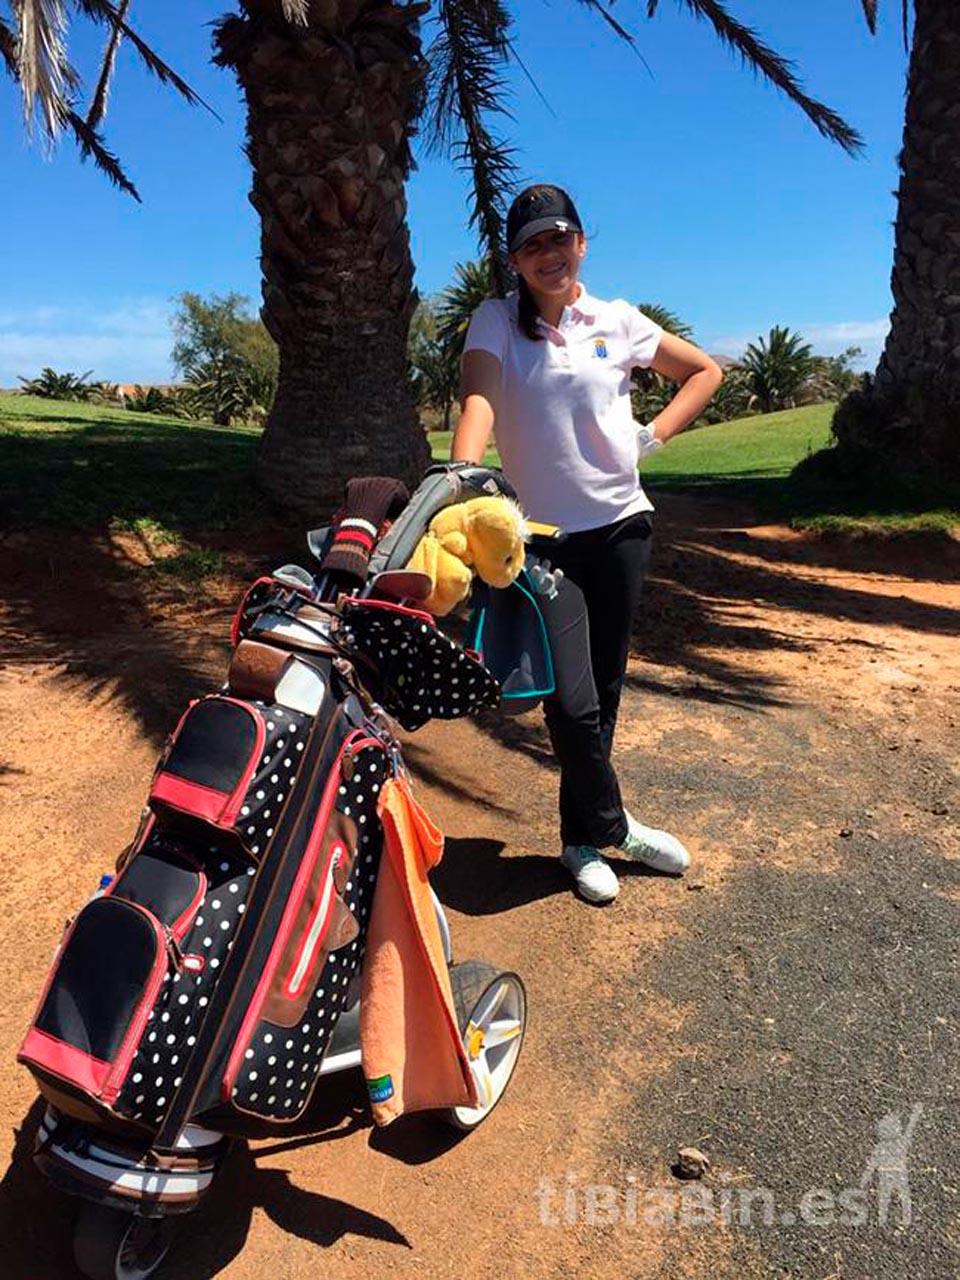 Comenzó la tercera edición del Circuito Infantil Insular de Golf de Lanzarote